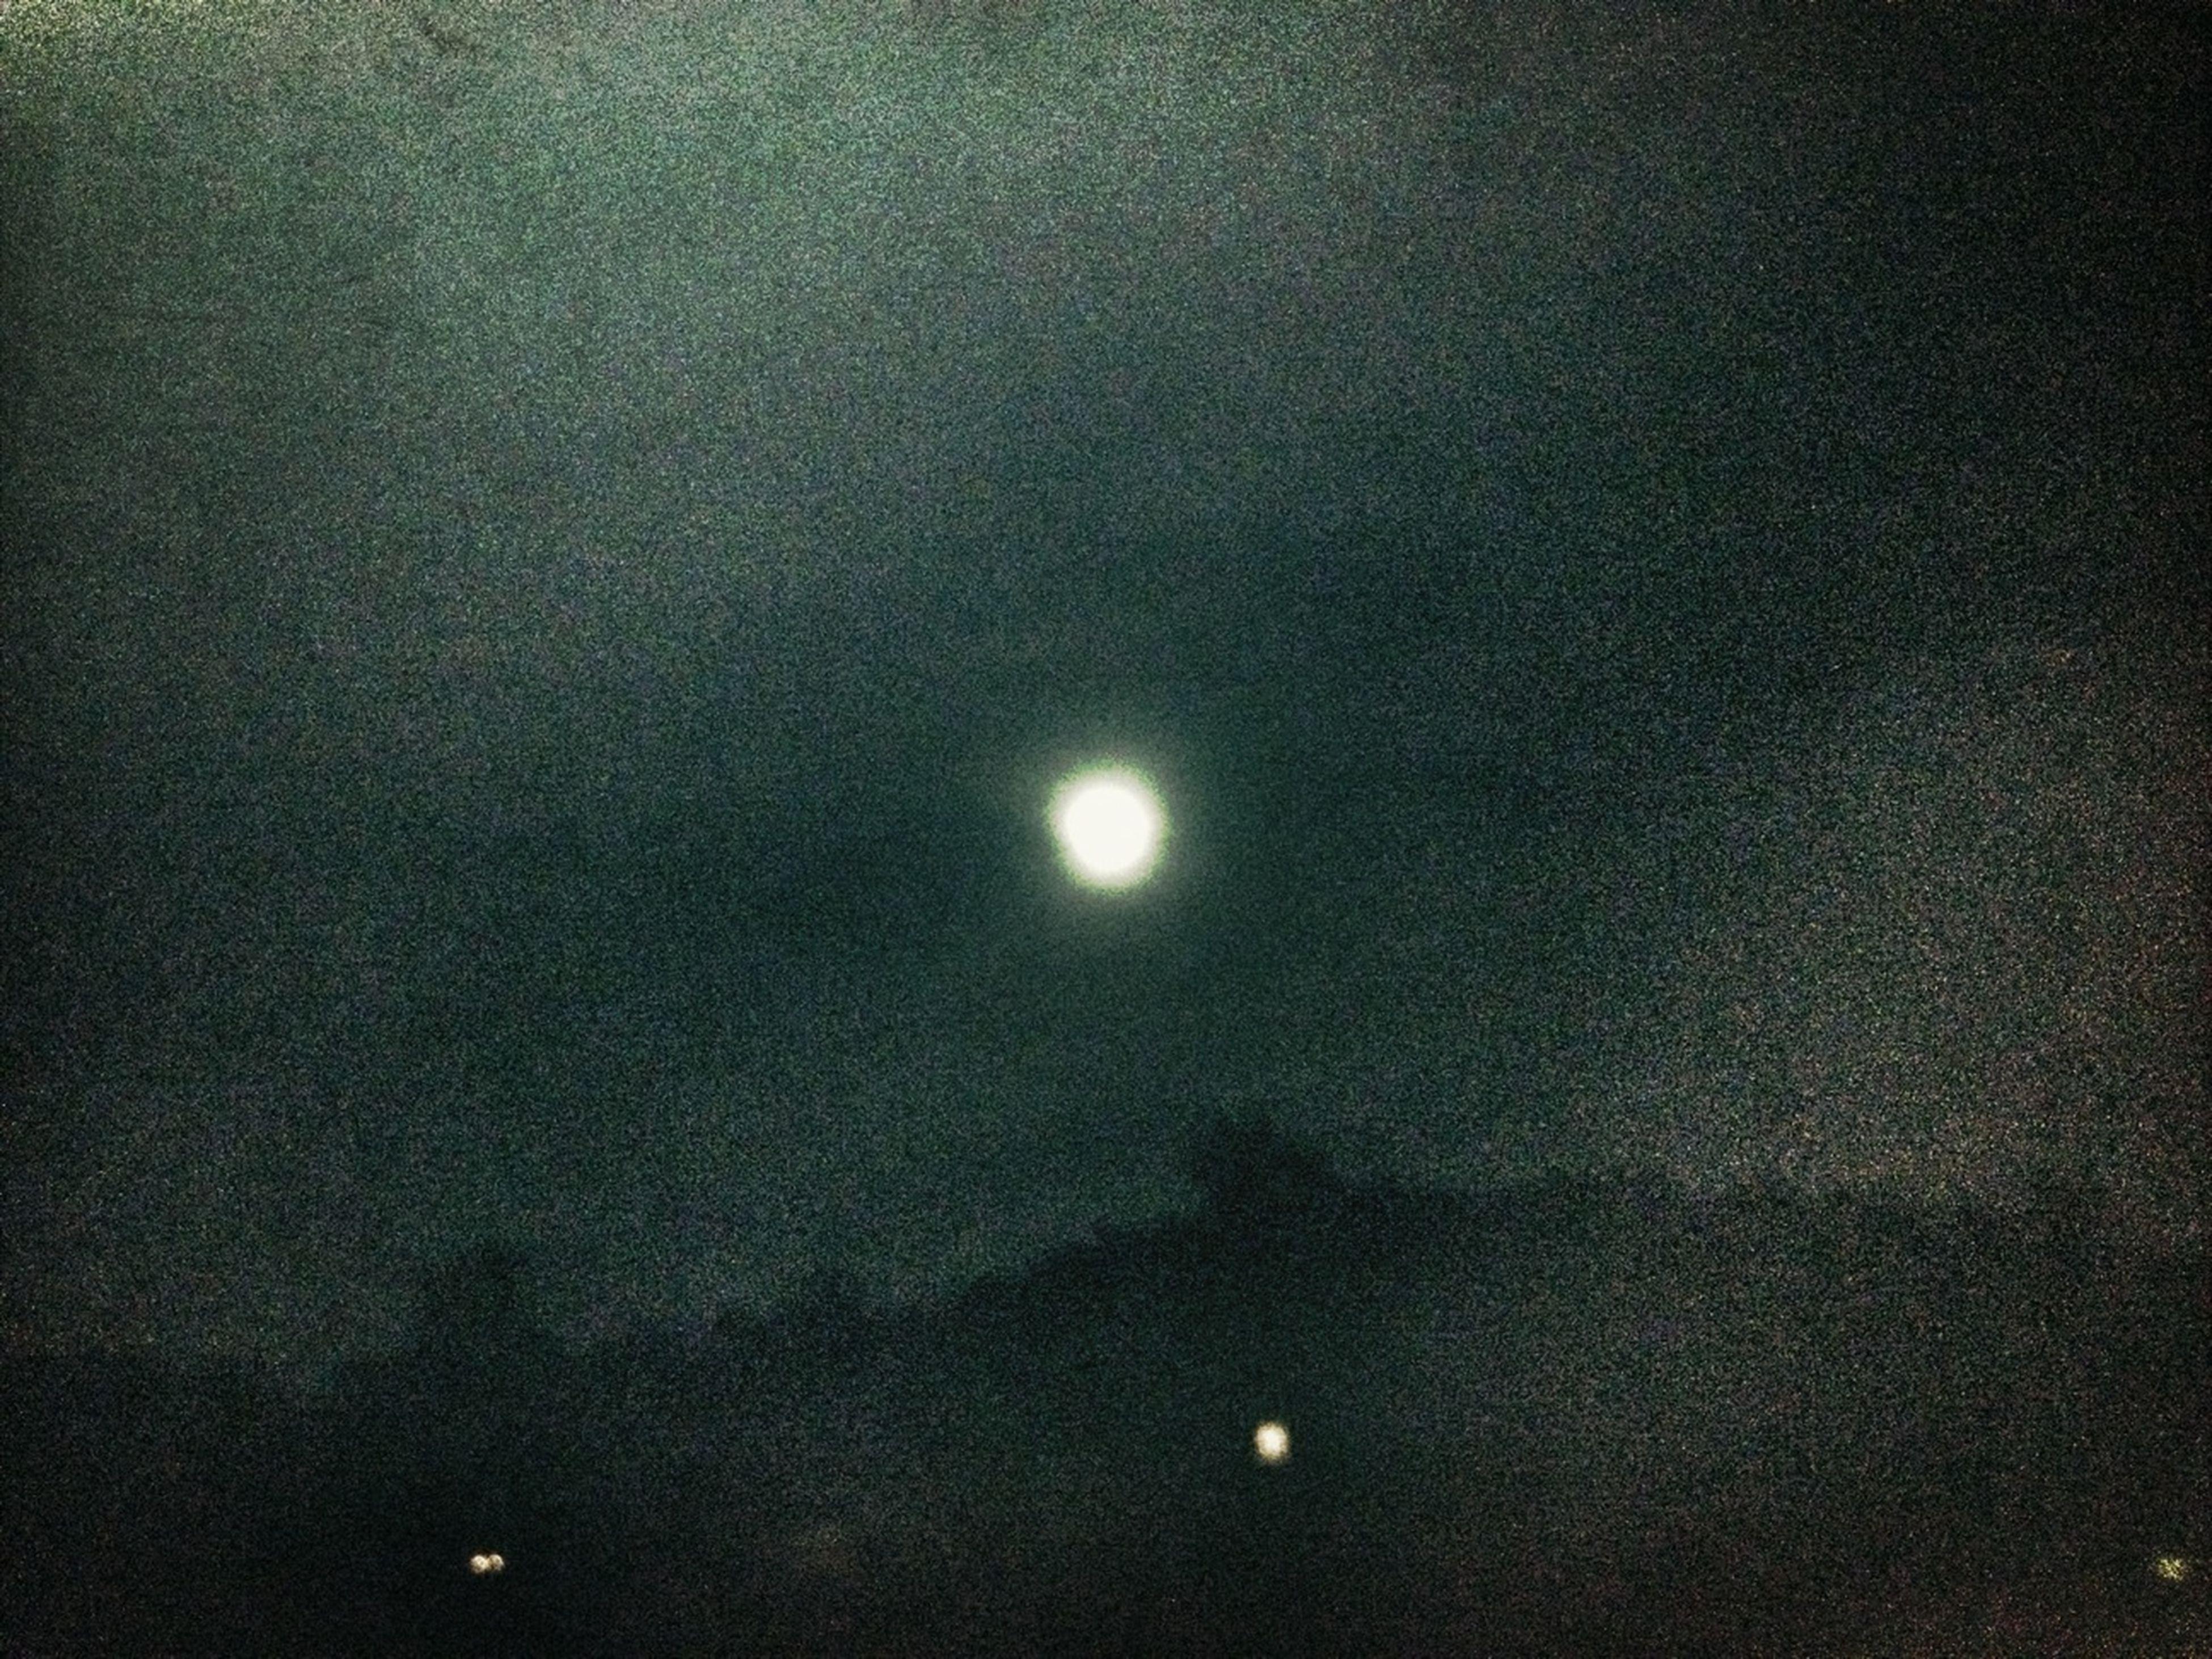 Loving the full moon